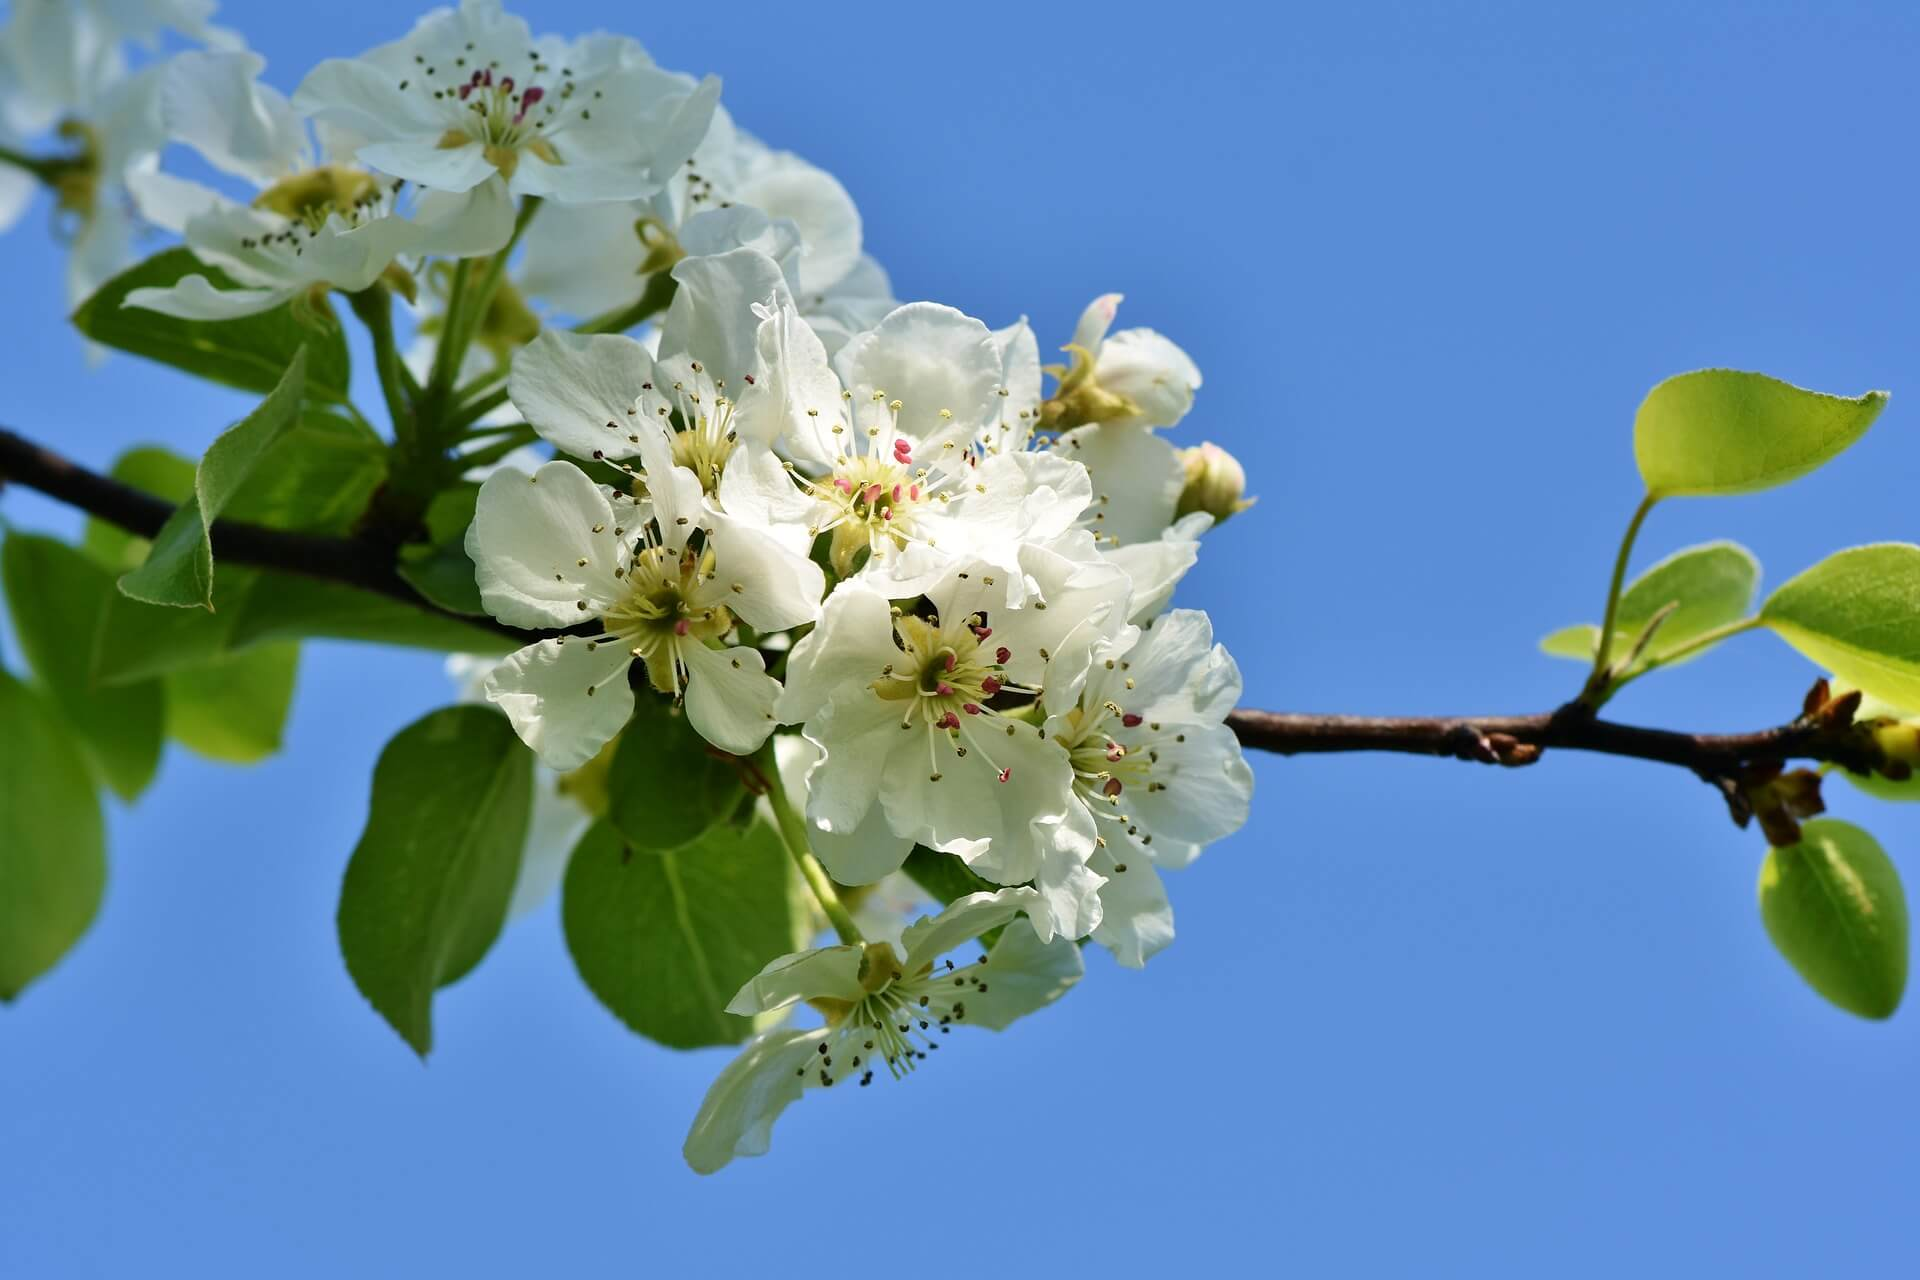 Fleur doranger/Fleur doranger à pâtisserie, eau florale fleur d'oranger alimentaire